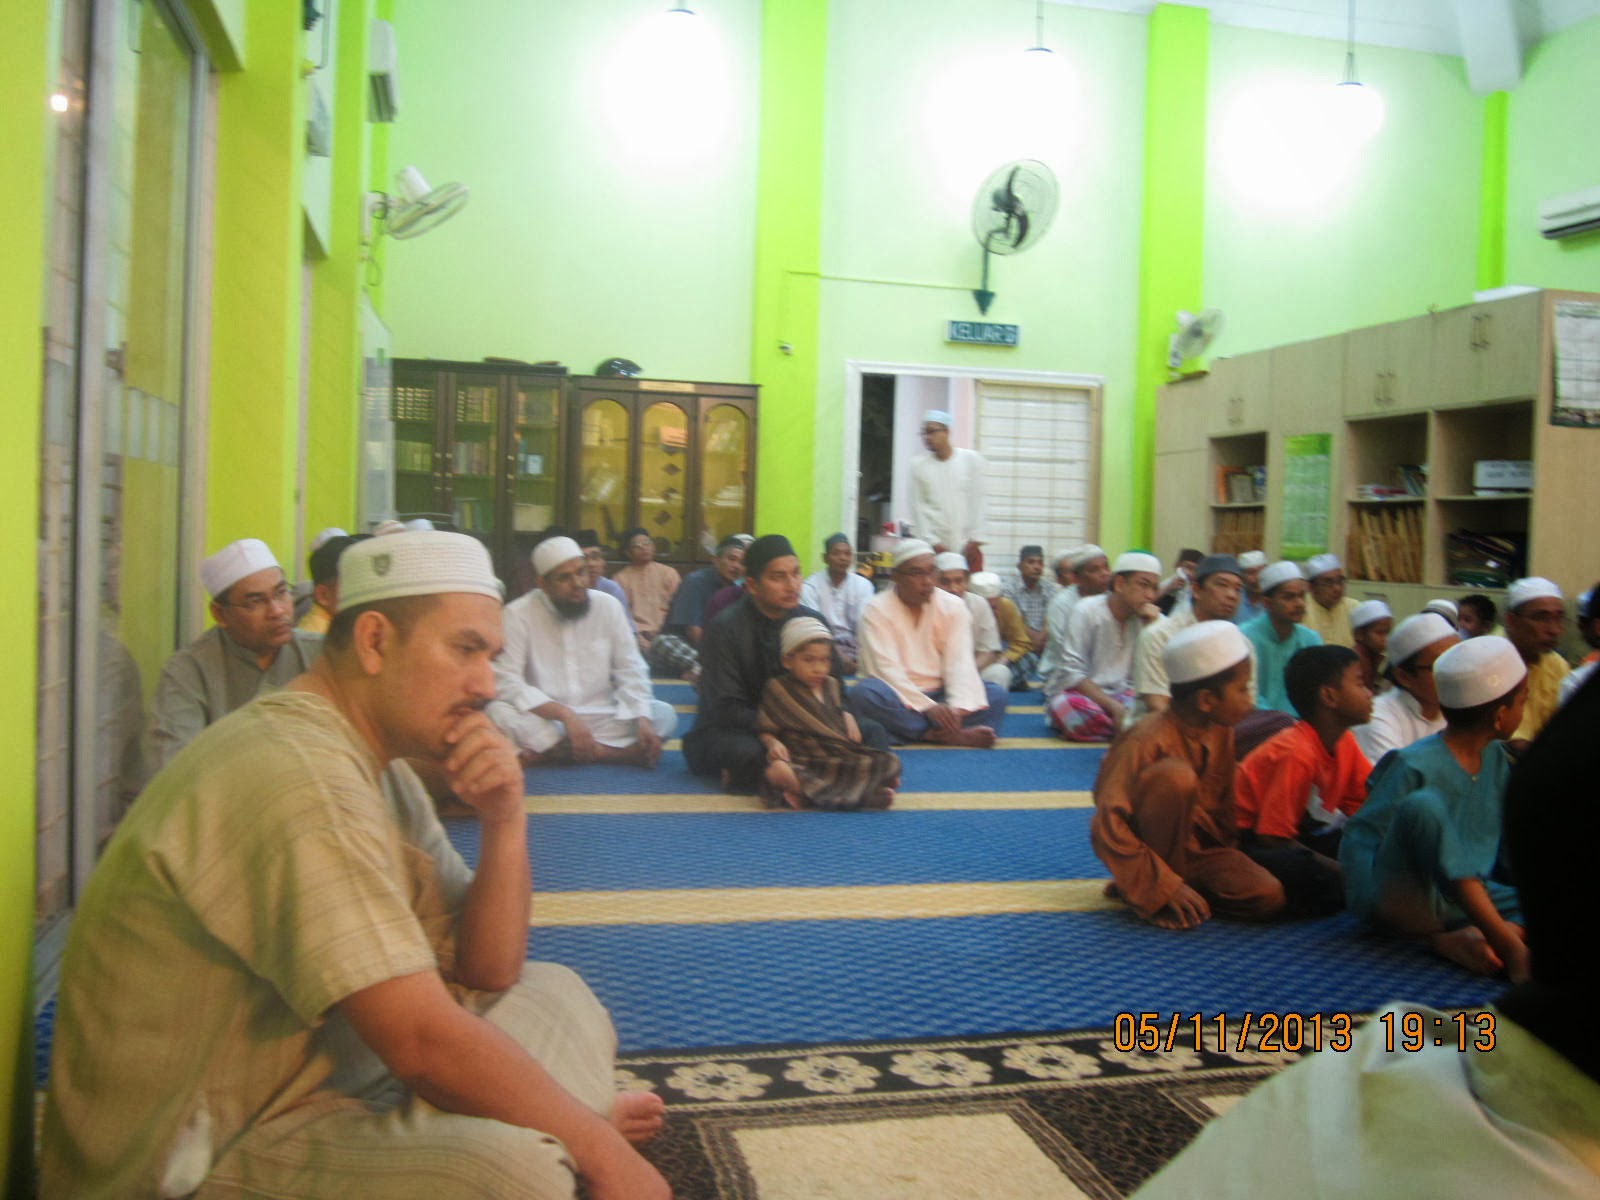 Ceramah Perdana Maal Hijrah di SSA 05Nov13